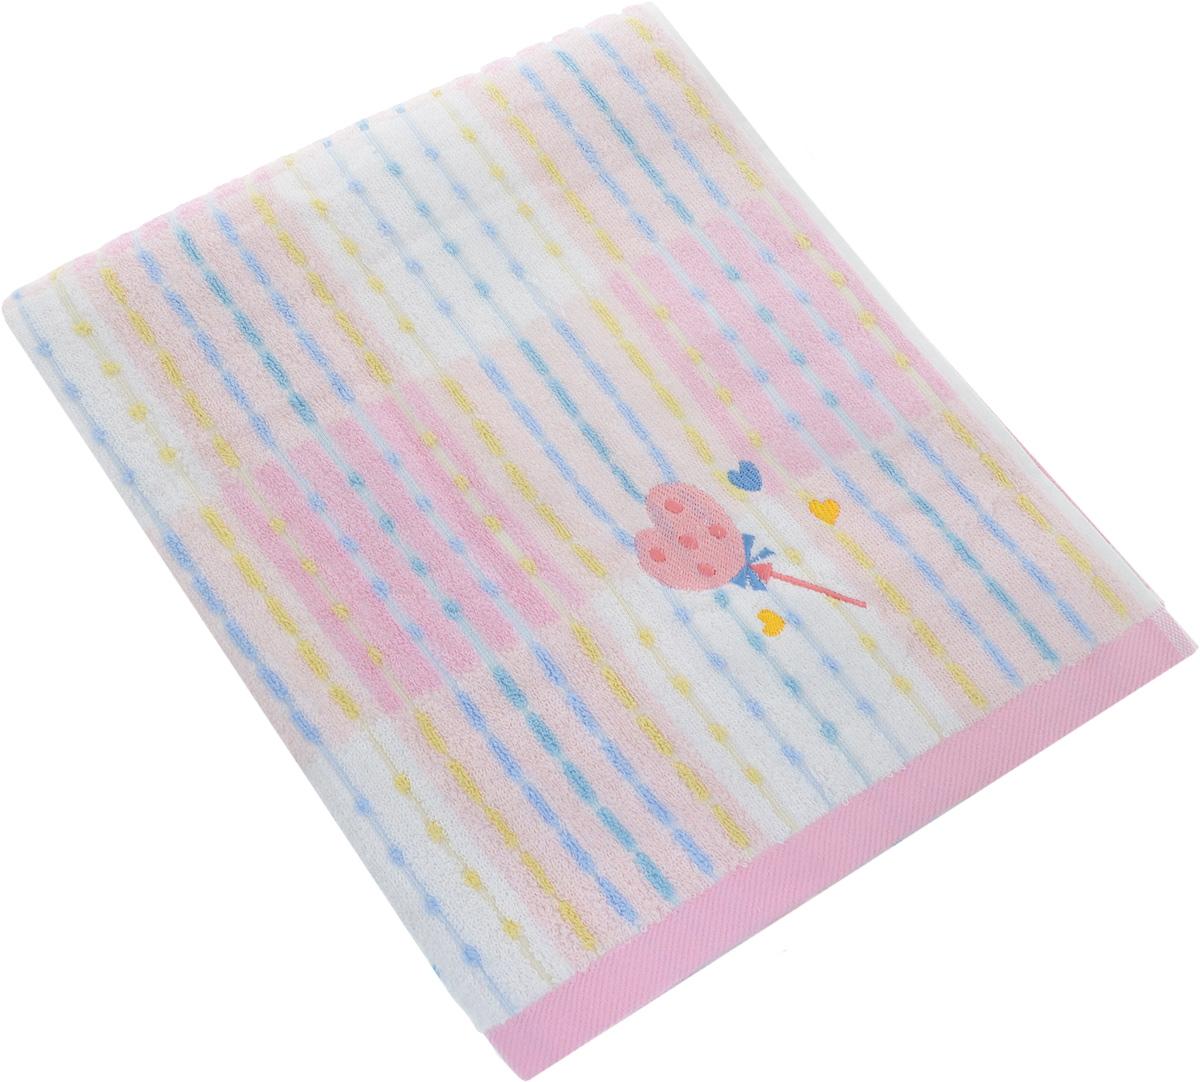 Полотенце Soavita Premium. Marni, цвет: розовый, 70 х 140 см62917Полотенце Soavita Premium. Marni выполнено из 100% хлопка. Изделие отлично впитывает влагу, быстро сохнет, сохраняет яркость цвета и не теряет форму даже после многократных стирок. Полотенце очень практично и неприхотливо в уходе. Оно создаст прекрасное настроение и украсит интерьер в ванной комнате.